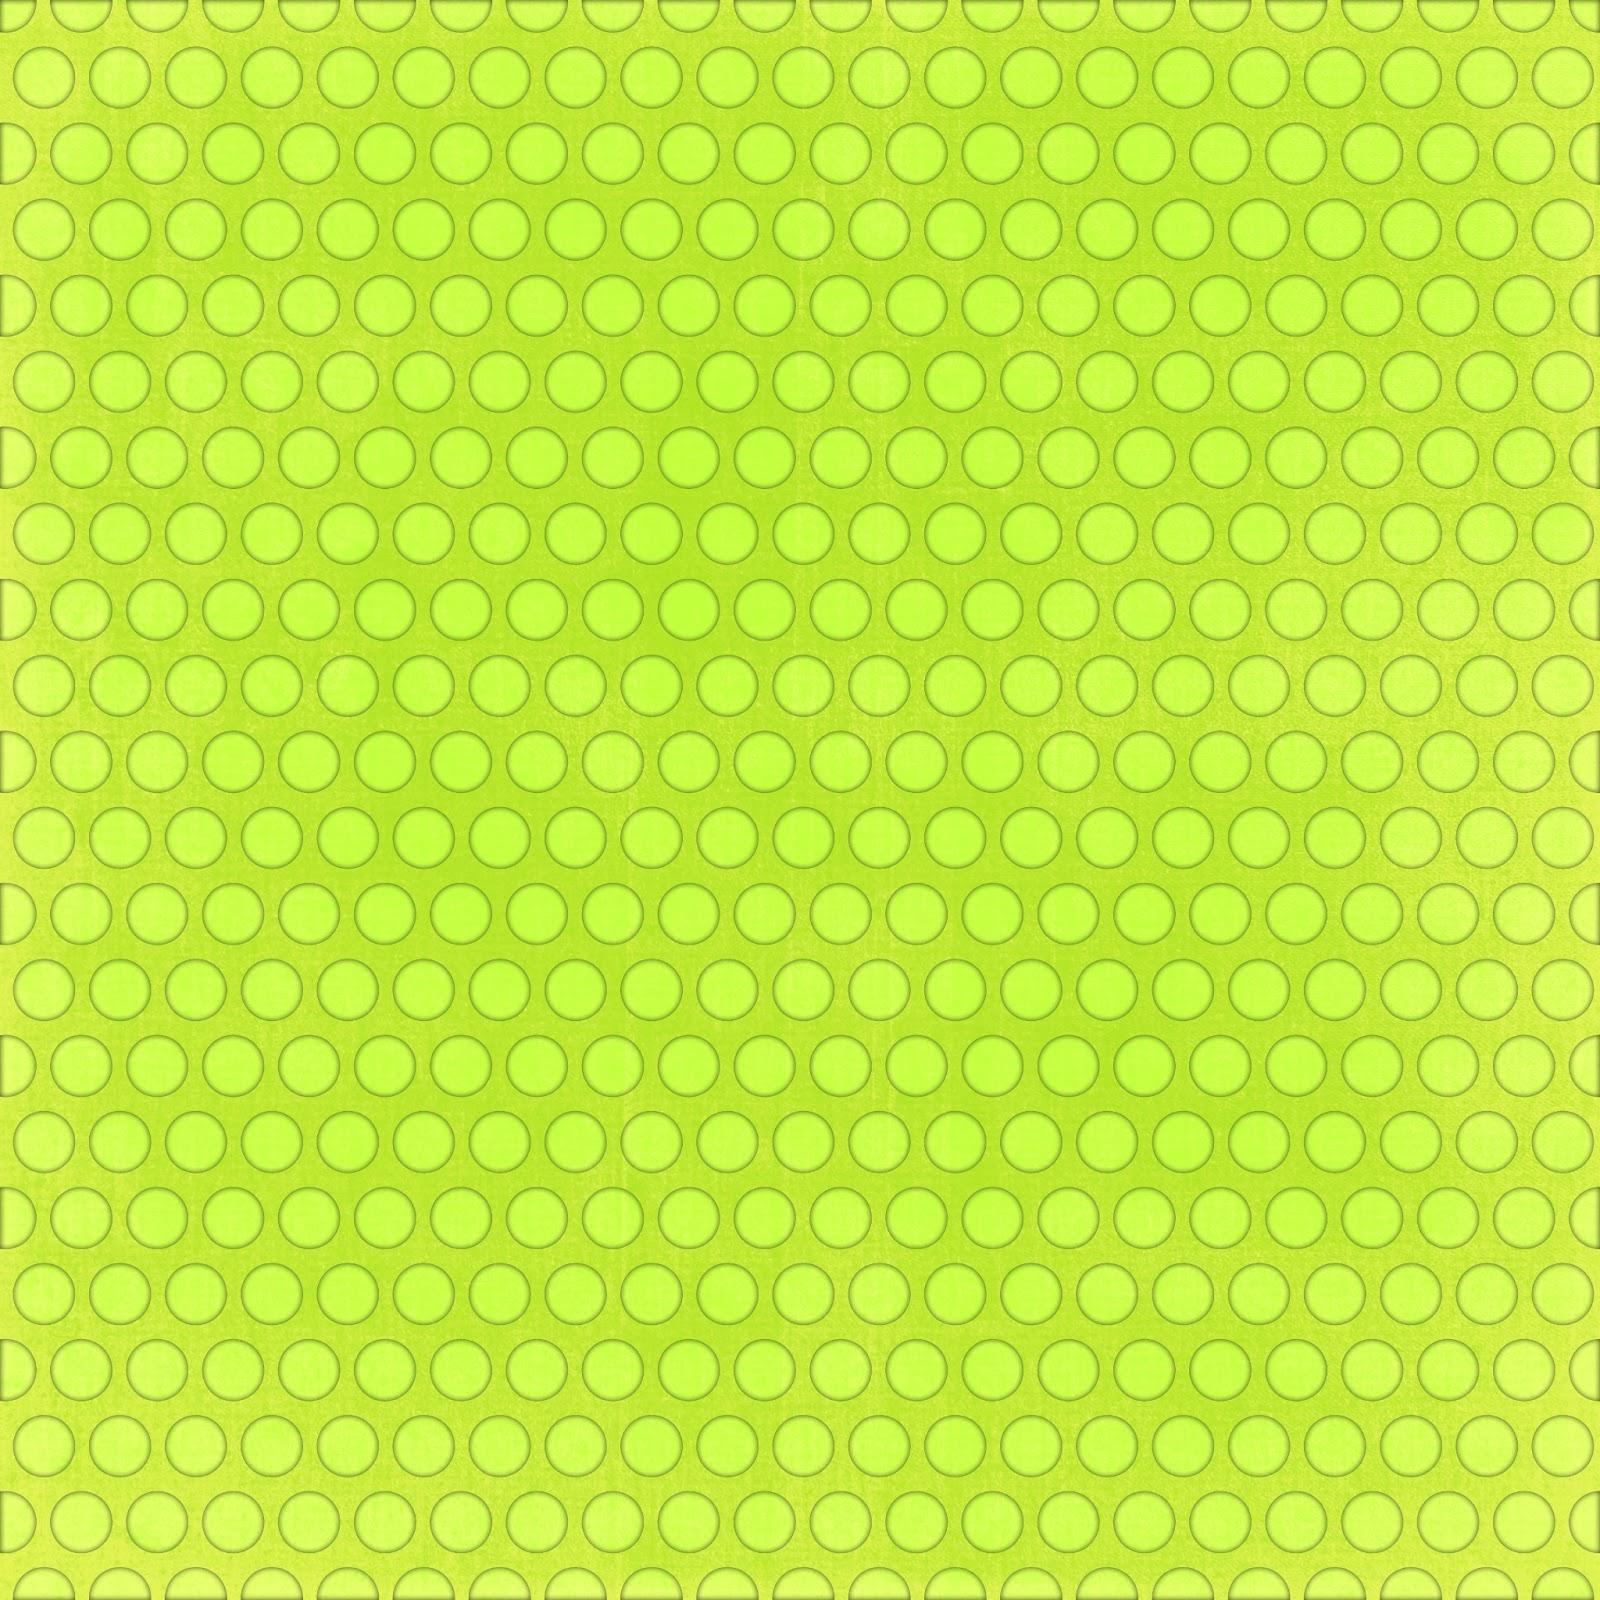 Фон скрапбукинг зеленый